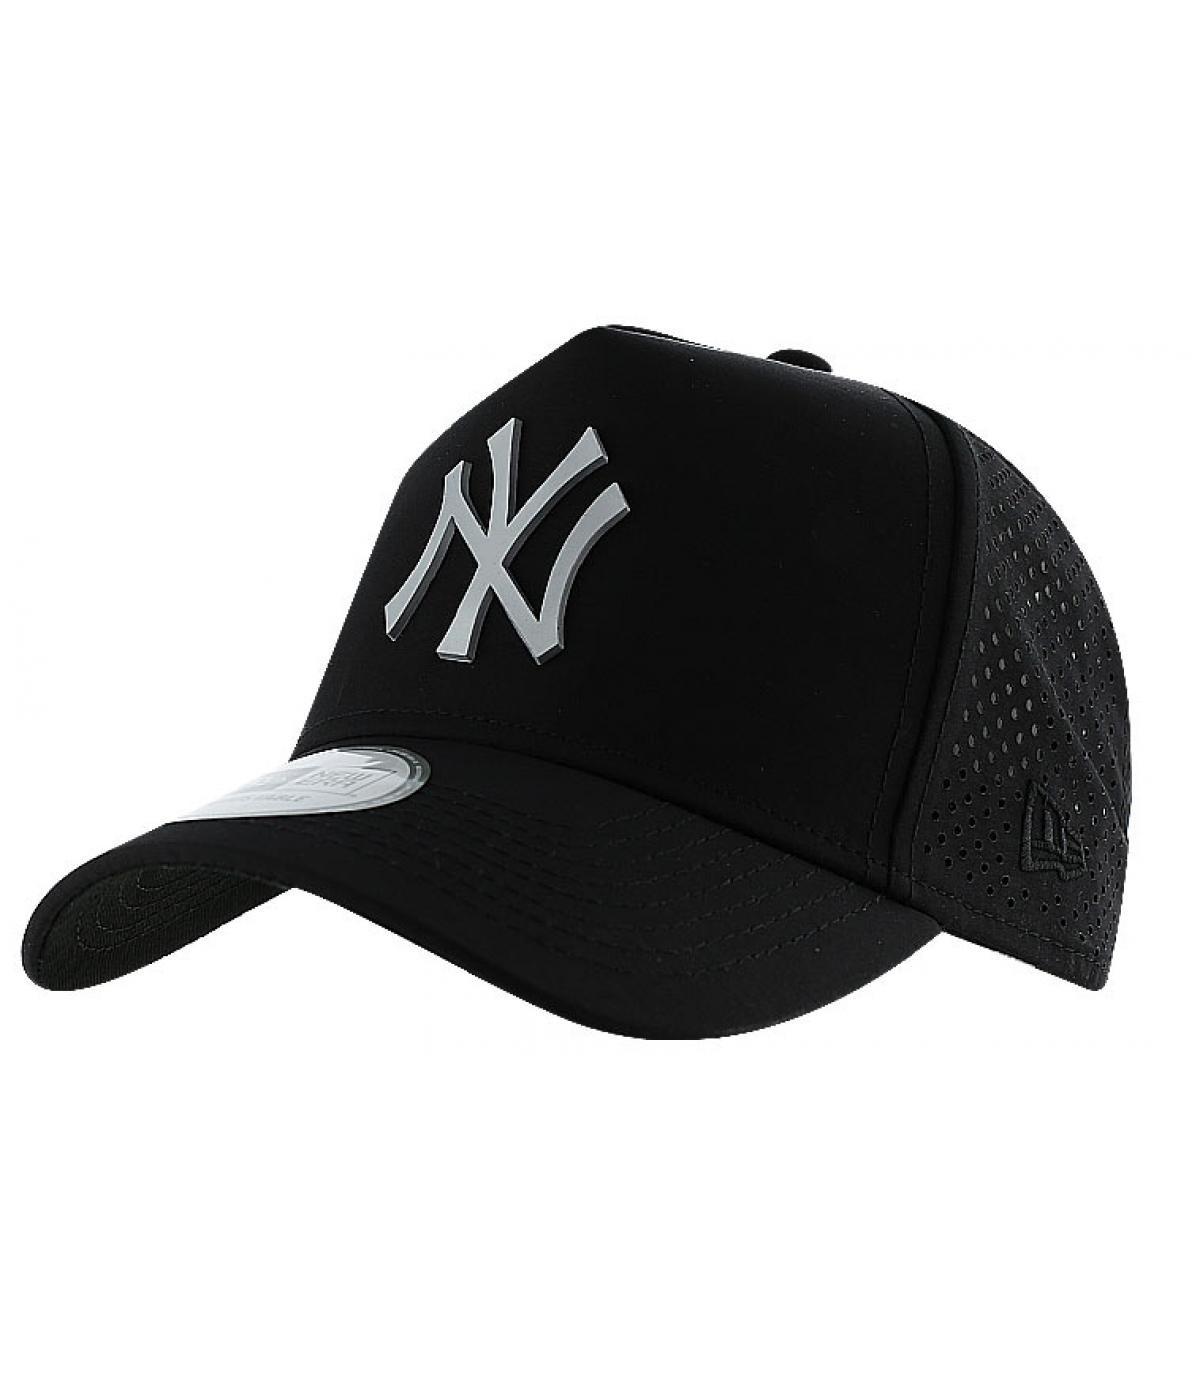 NY mesh cap